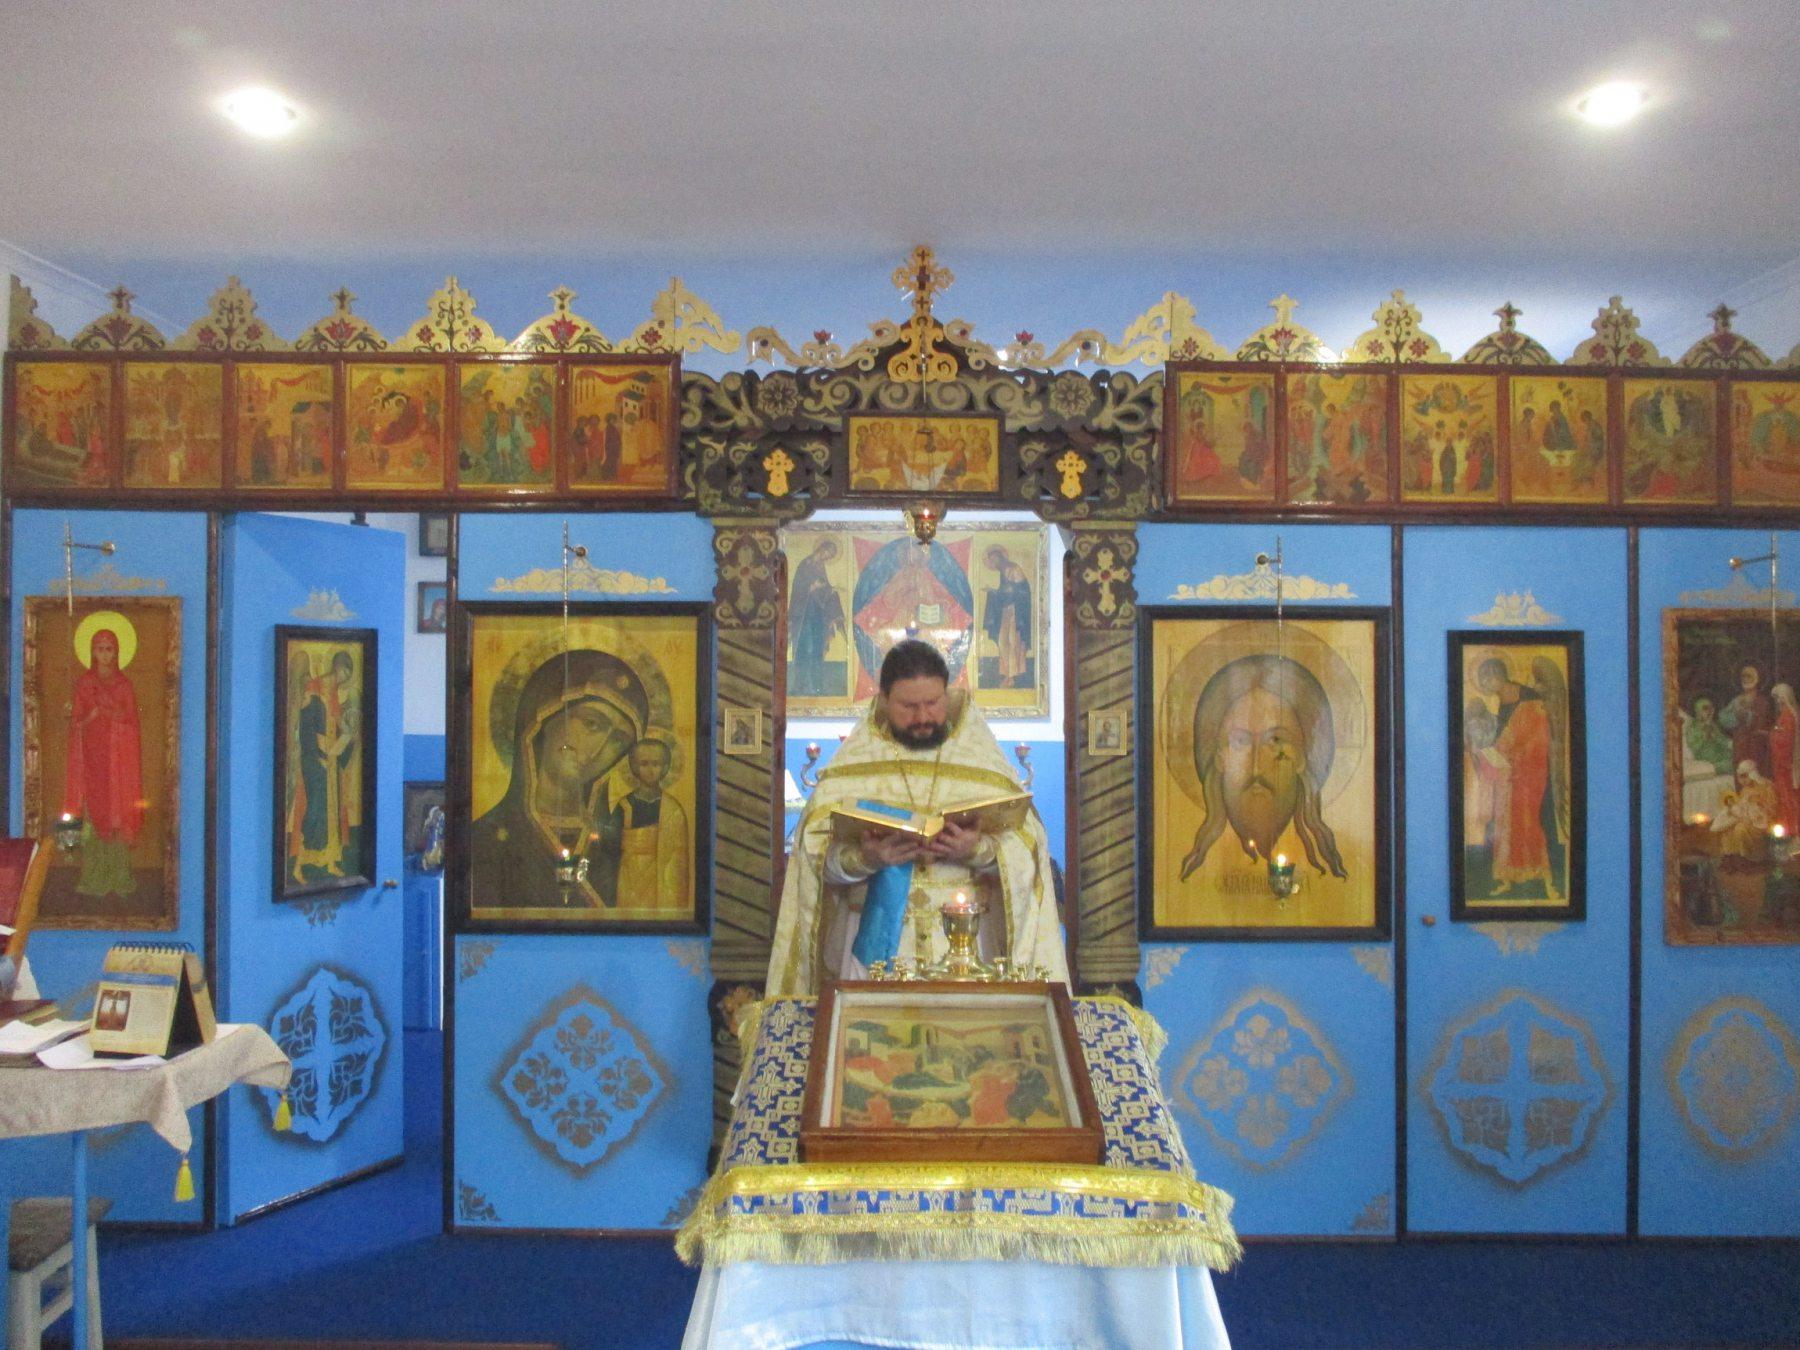 Обновленный храм в честь Рождества Пресвятой Богородицы в исправительной колонии № 1 открыл свои двери для прихожан